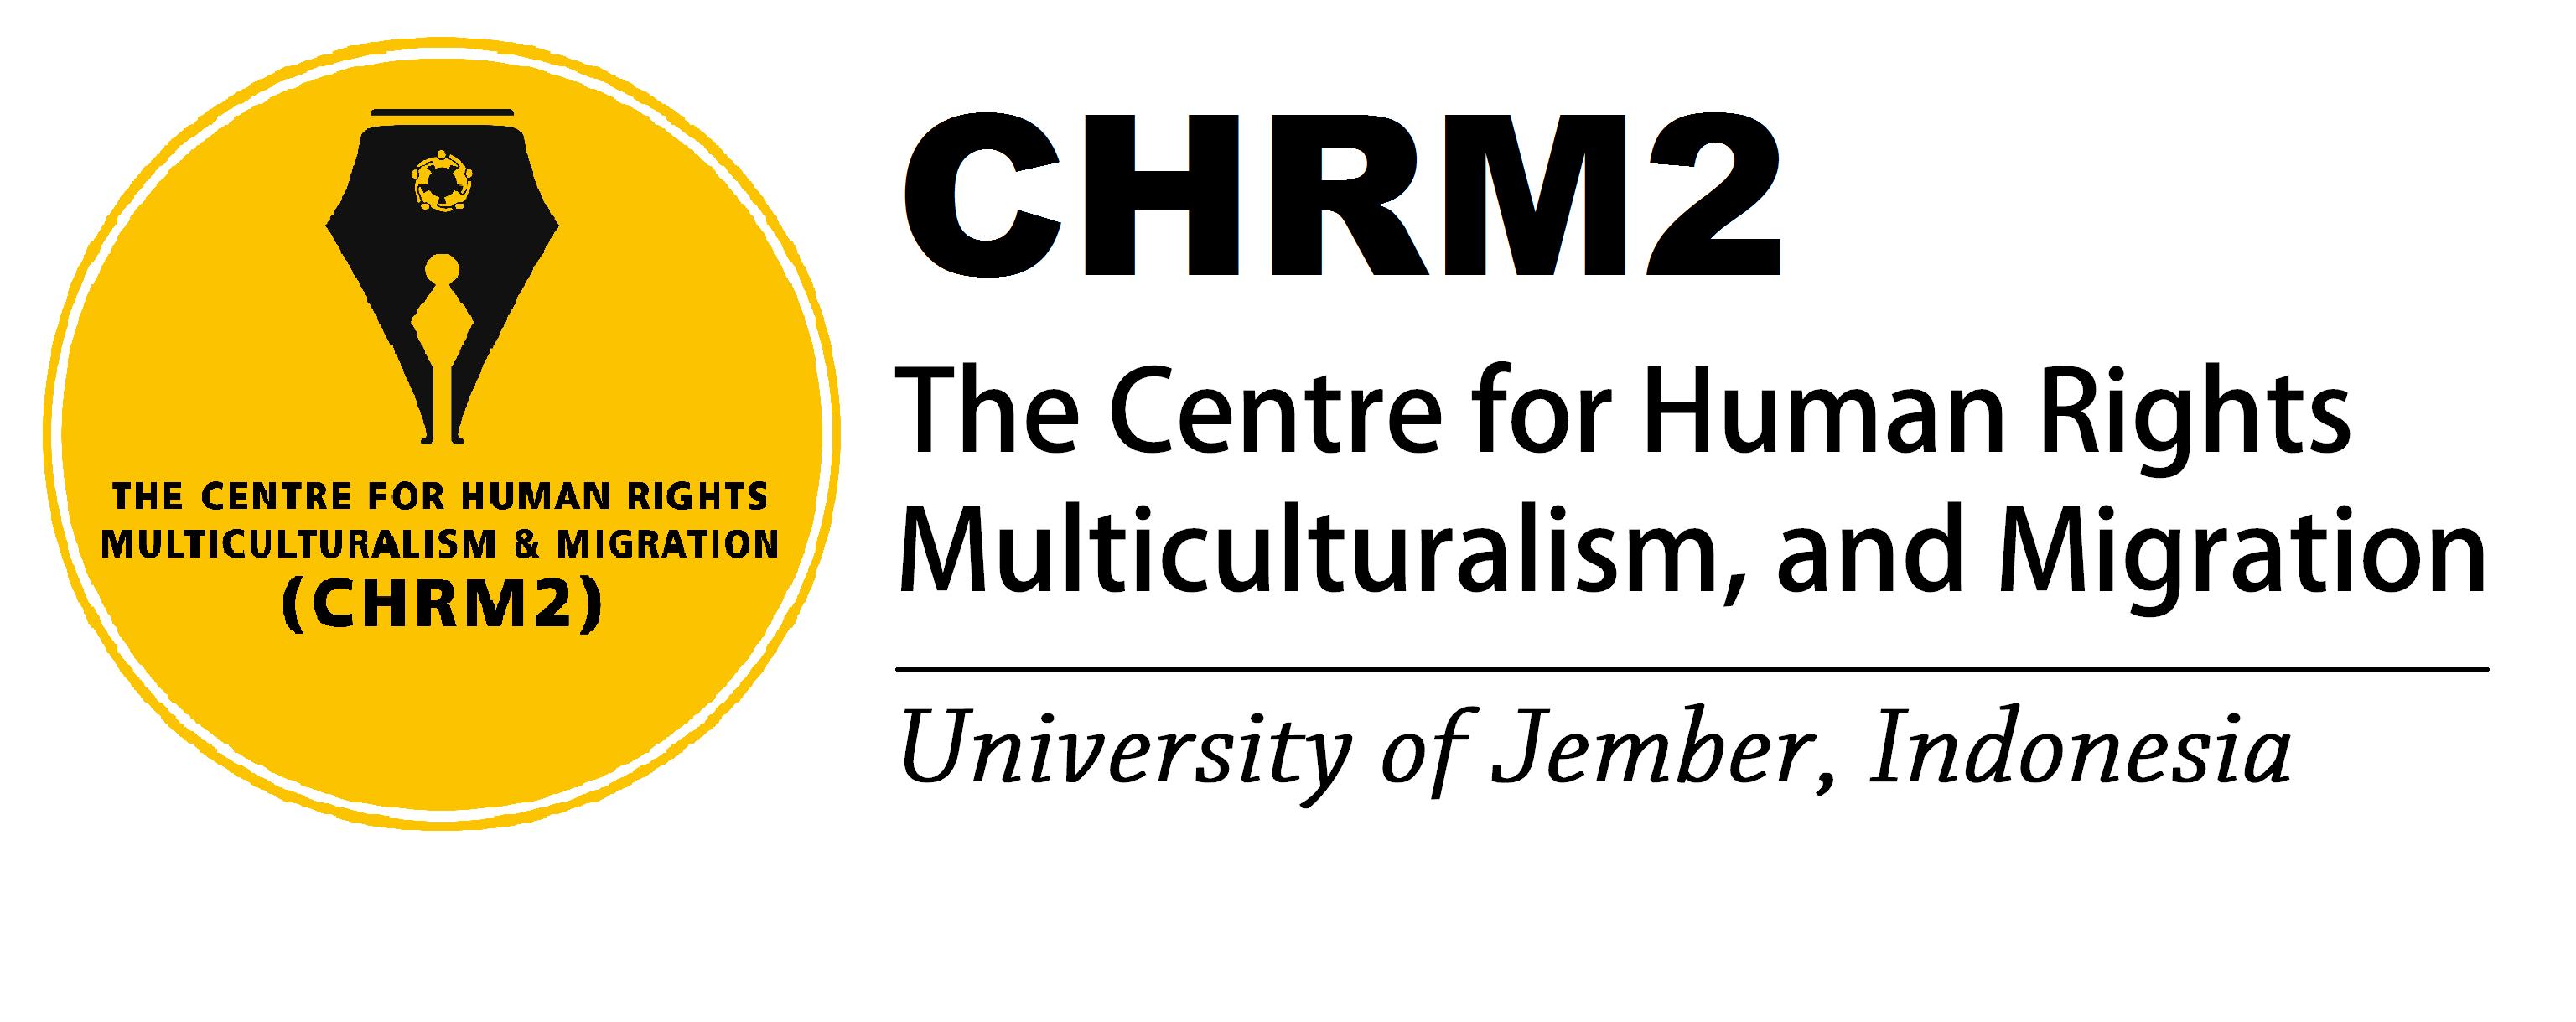 CHRM2